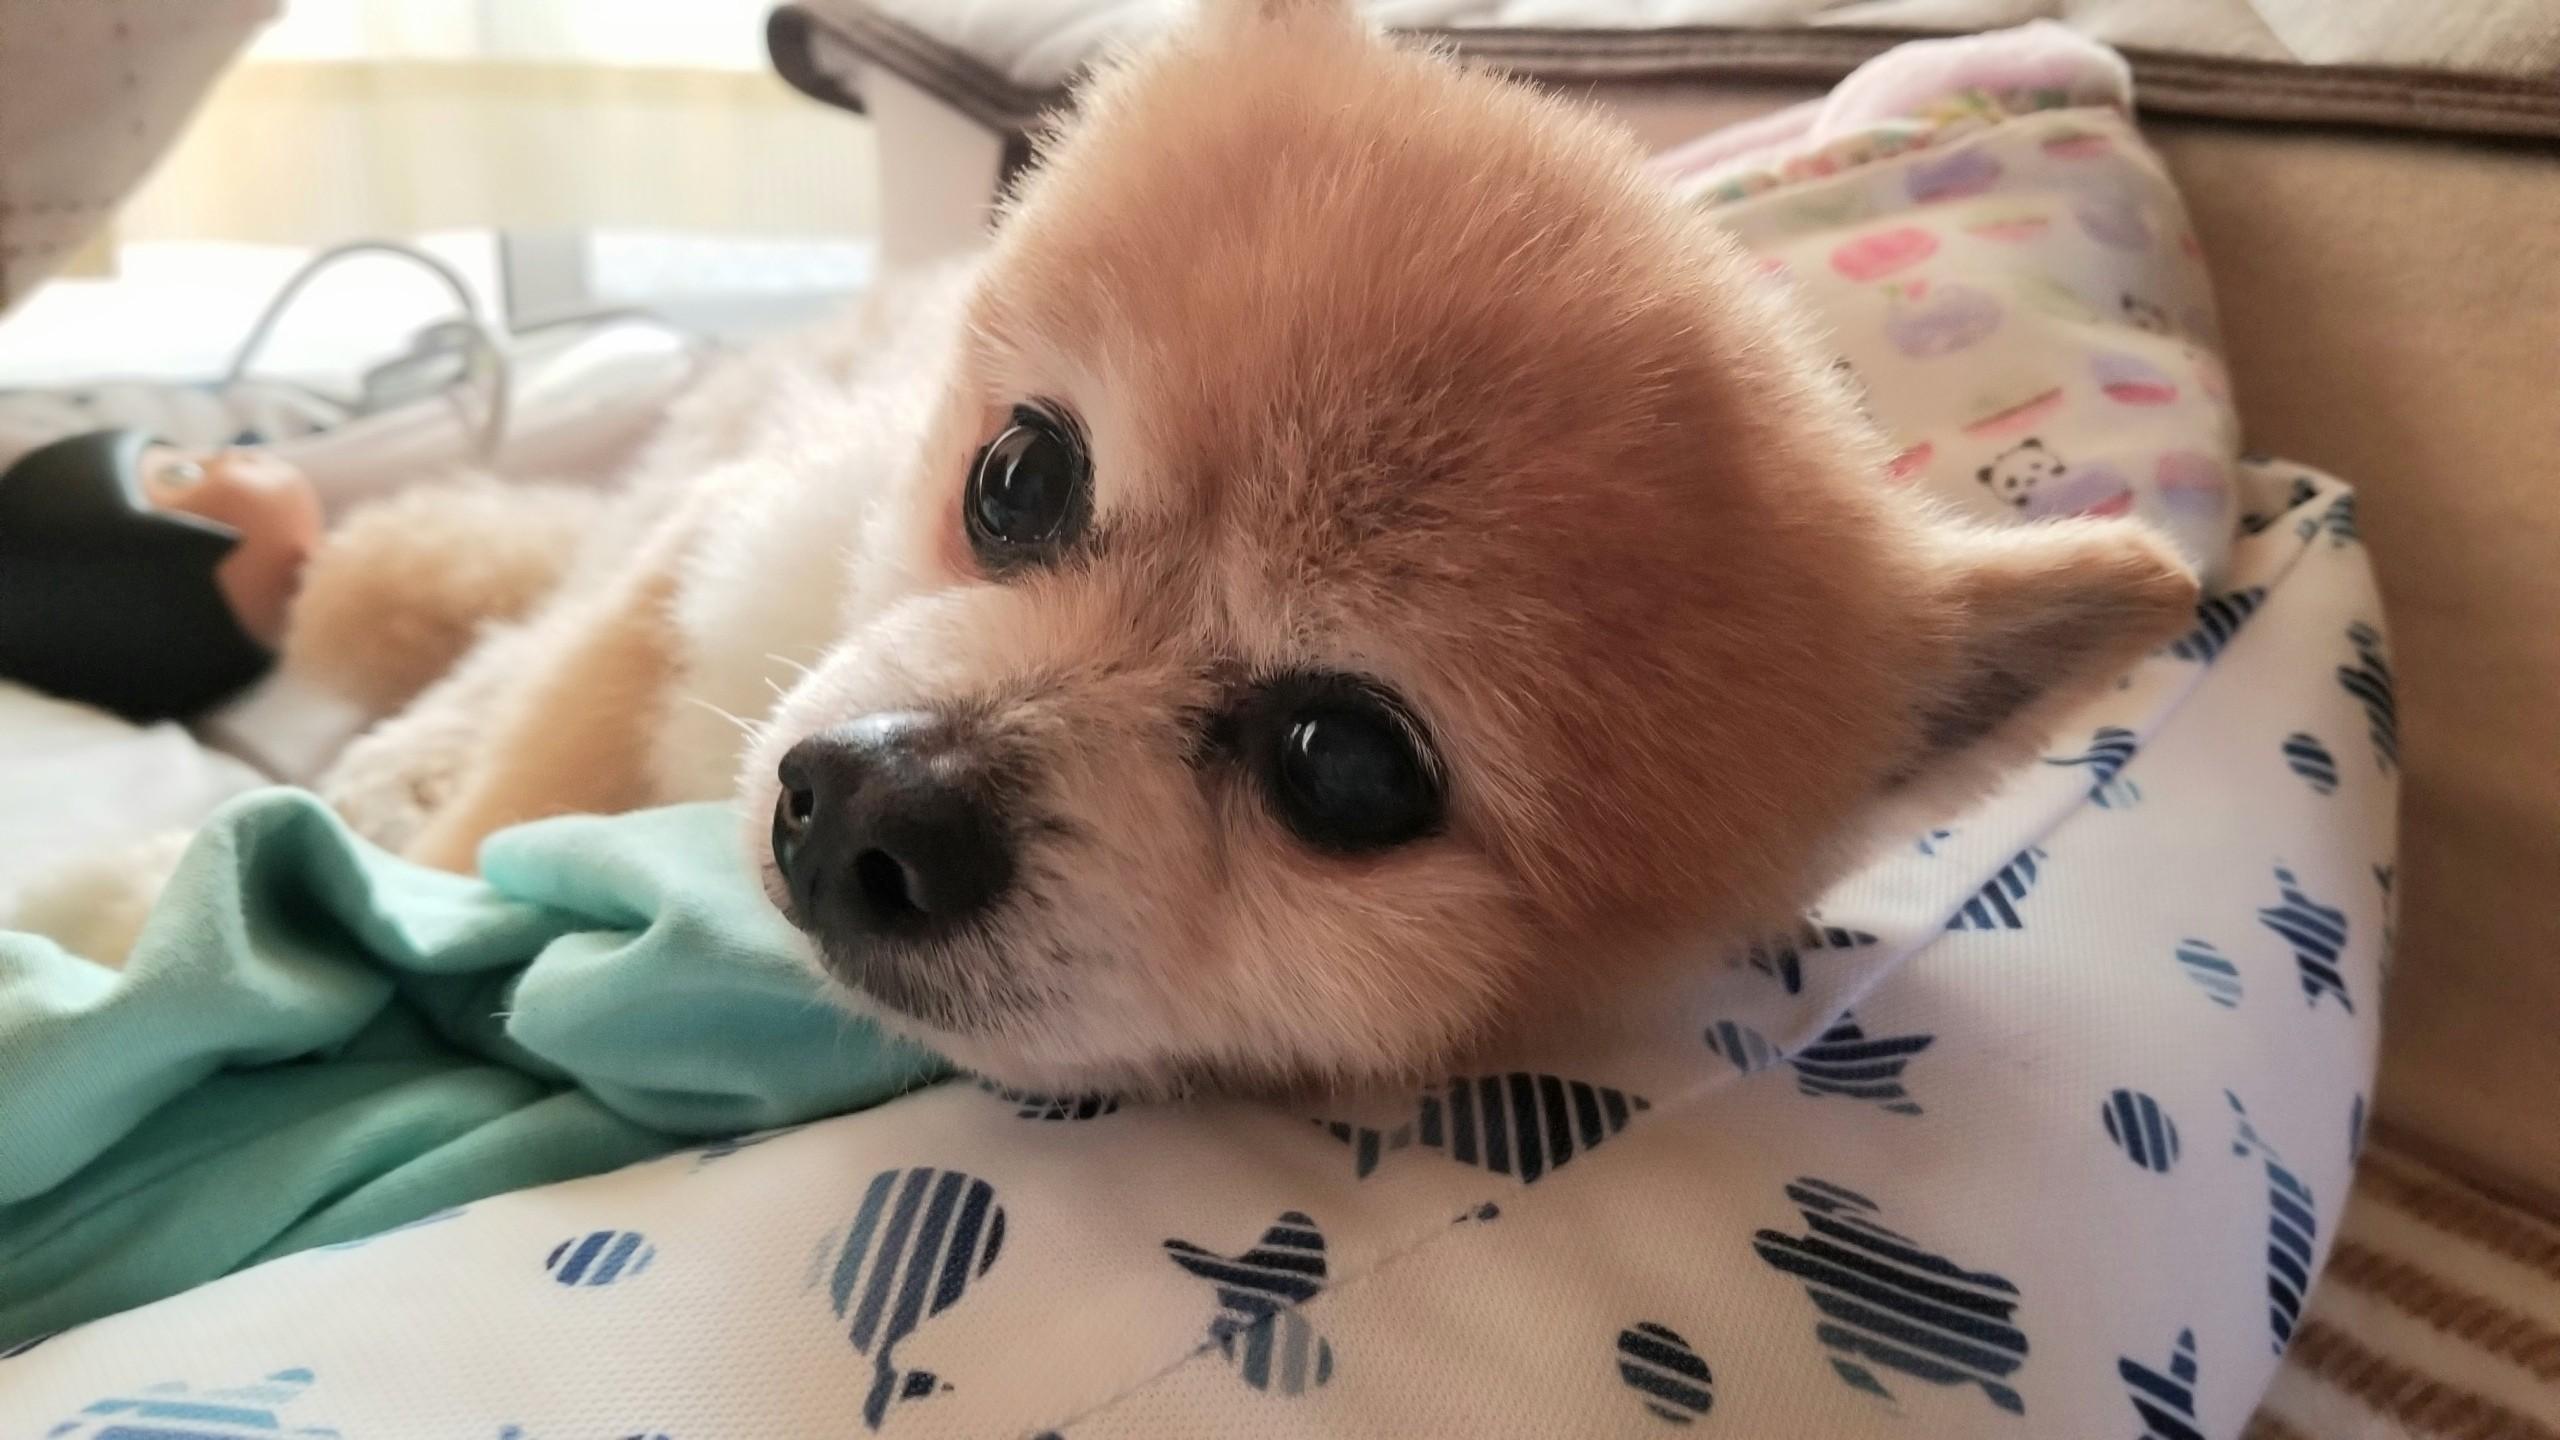 愛犬老犬ペット人気のポメラニアンぬいぐるみみたい世界一かわいい